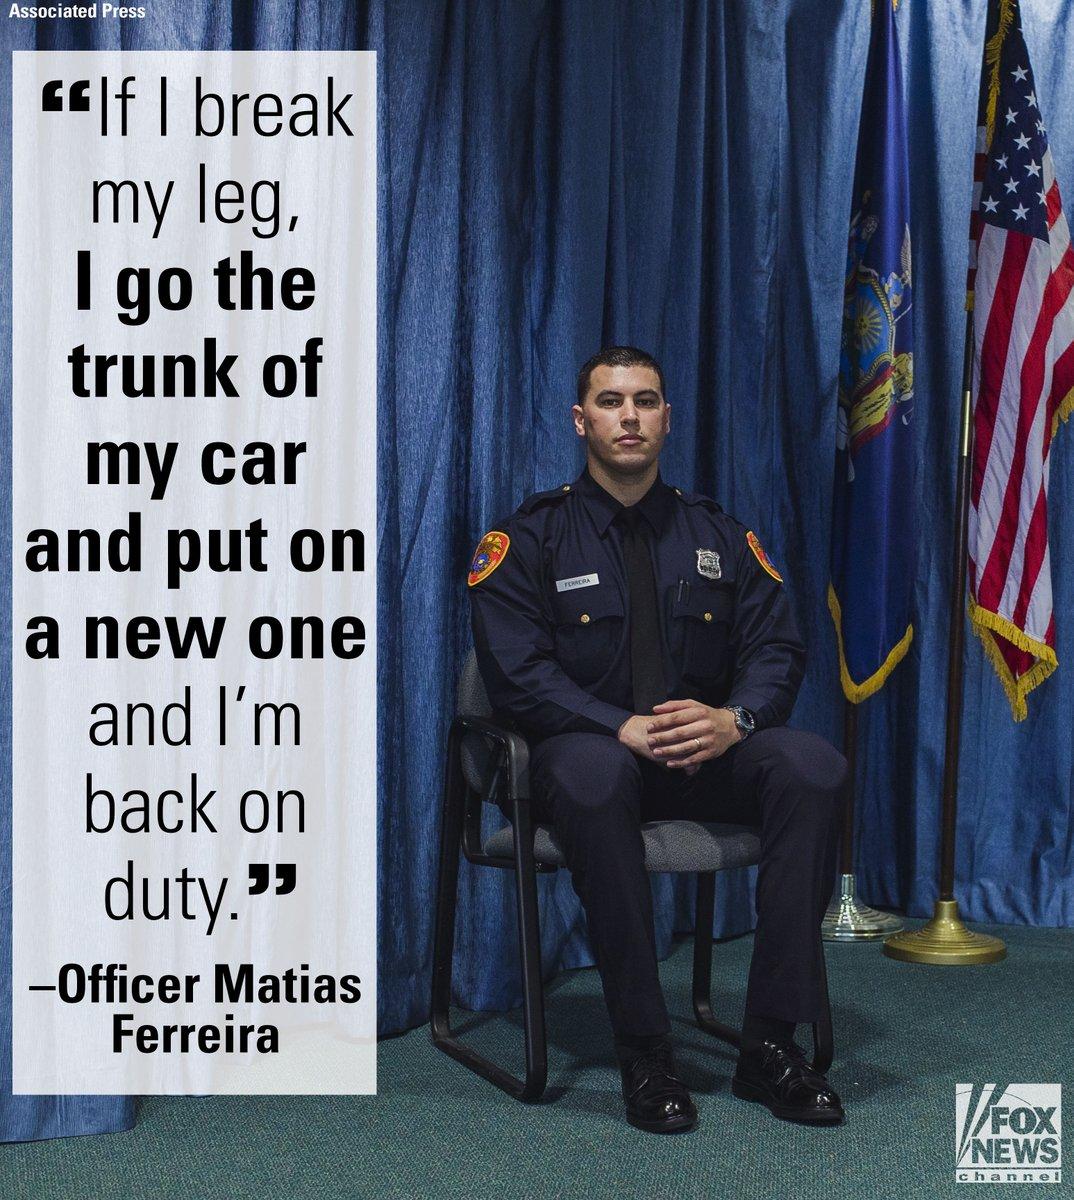 Marine veteran who lost both legs in Afghanistan sworn in as NY police officer https://t.co/EJbTRf91u3